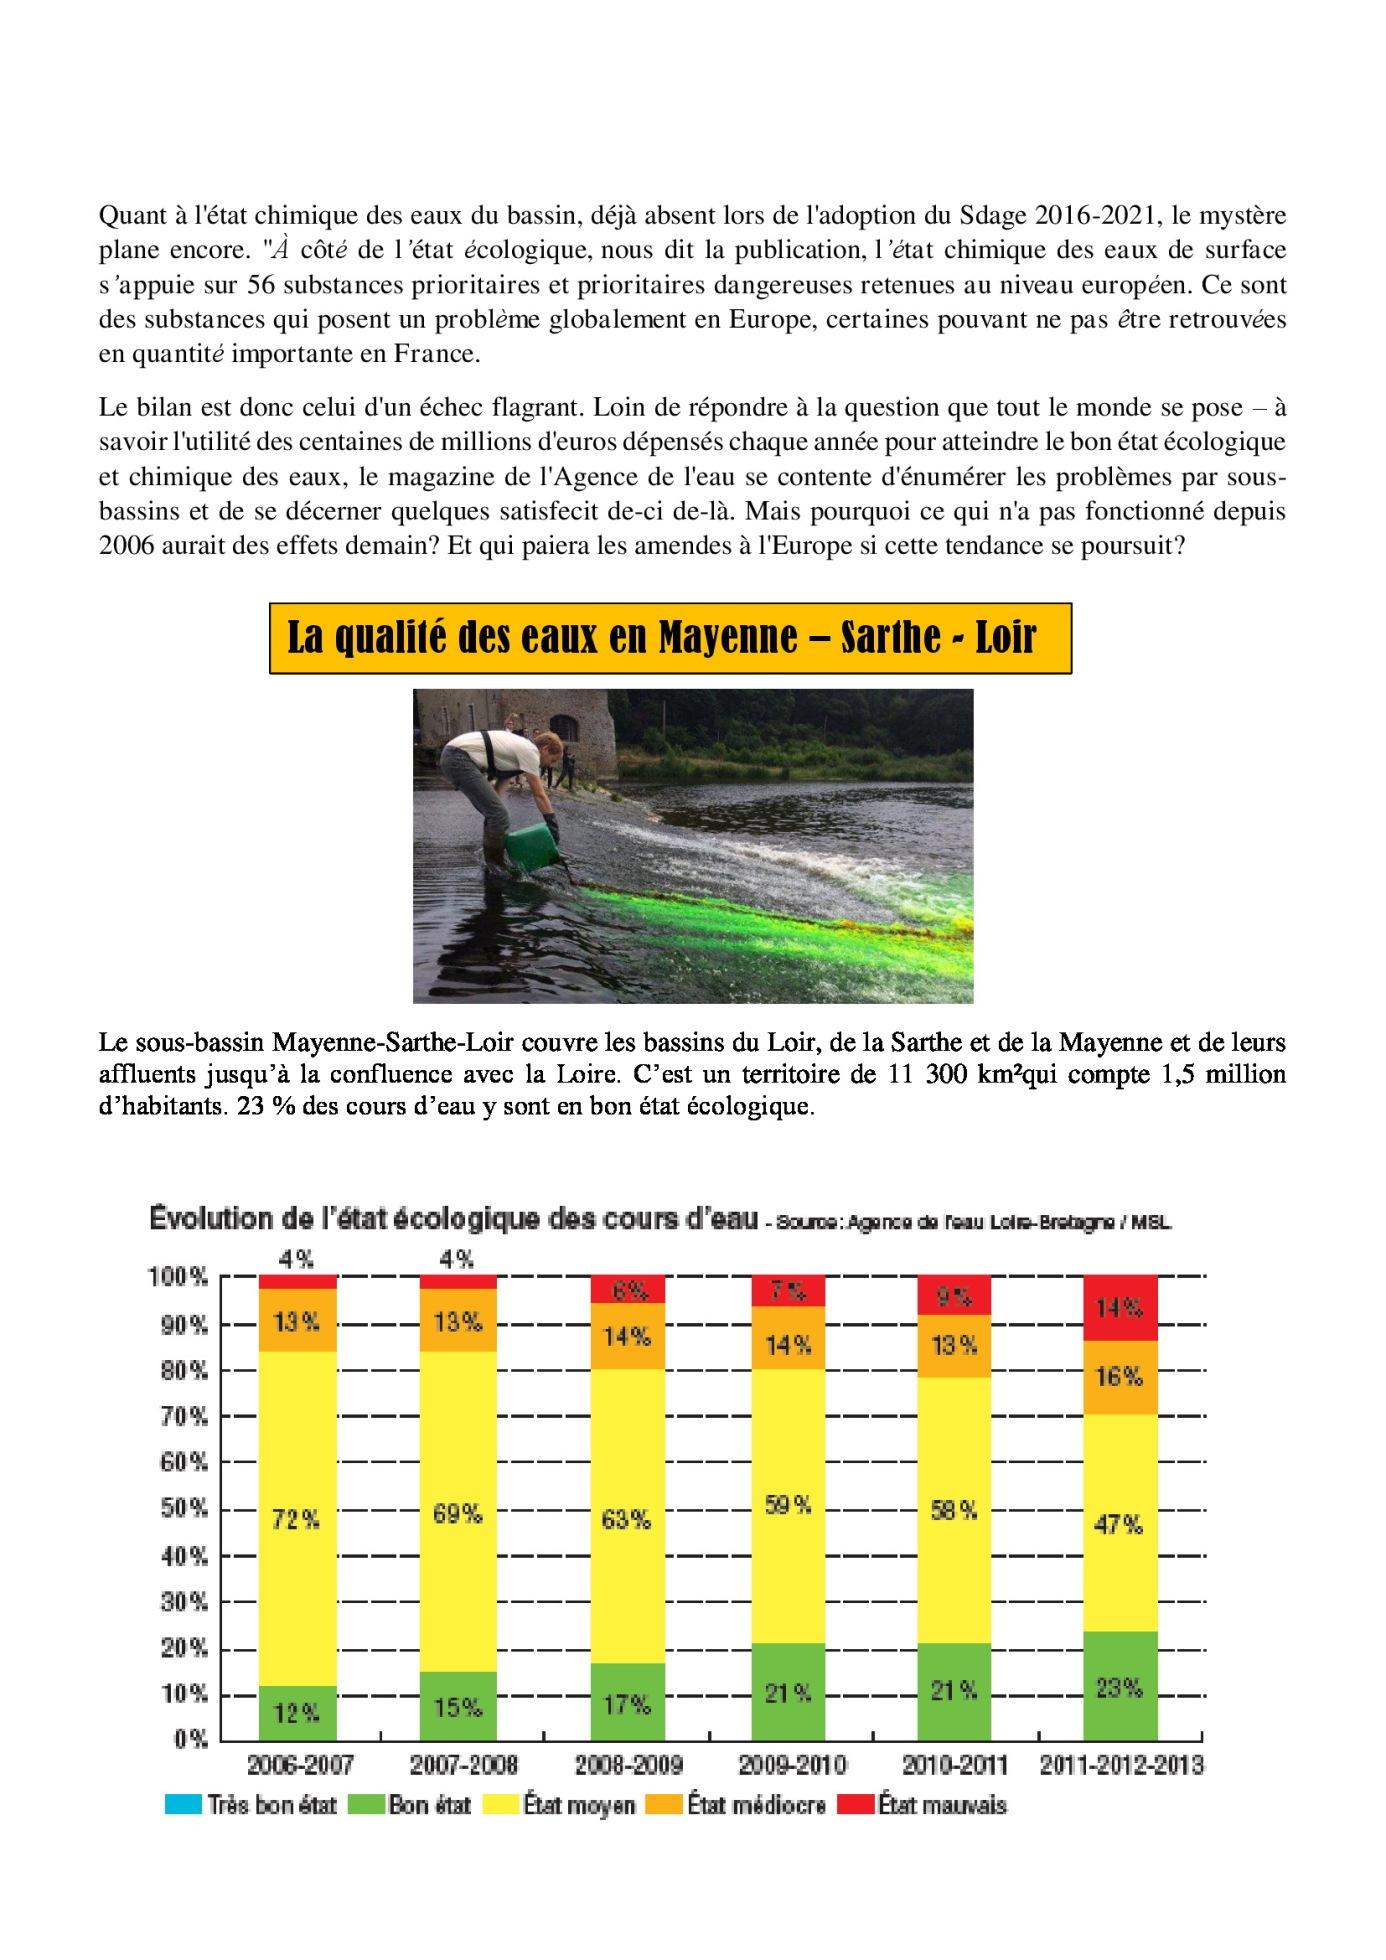 rivieres-loire-bretagne-en-mauvais-etat-page-2